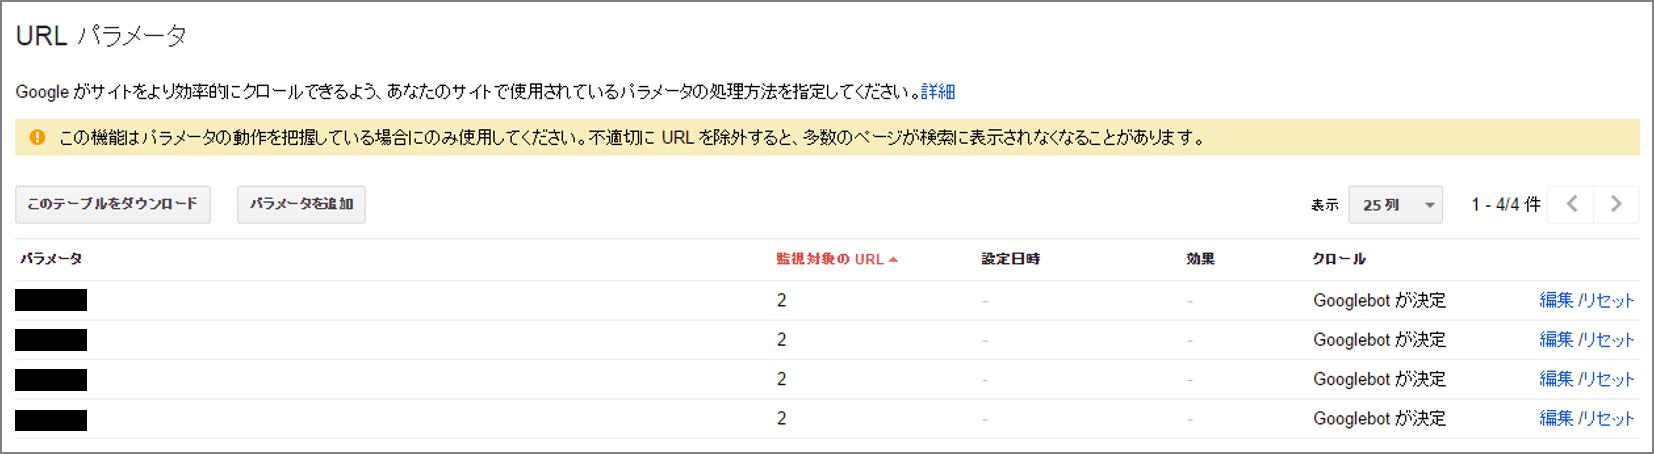 URLパラメータ 設定画面